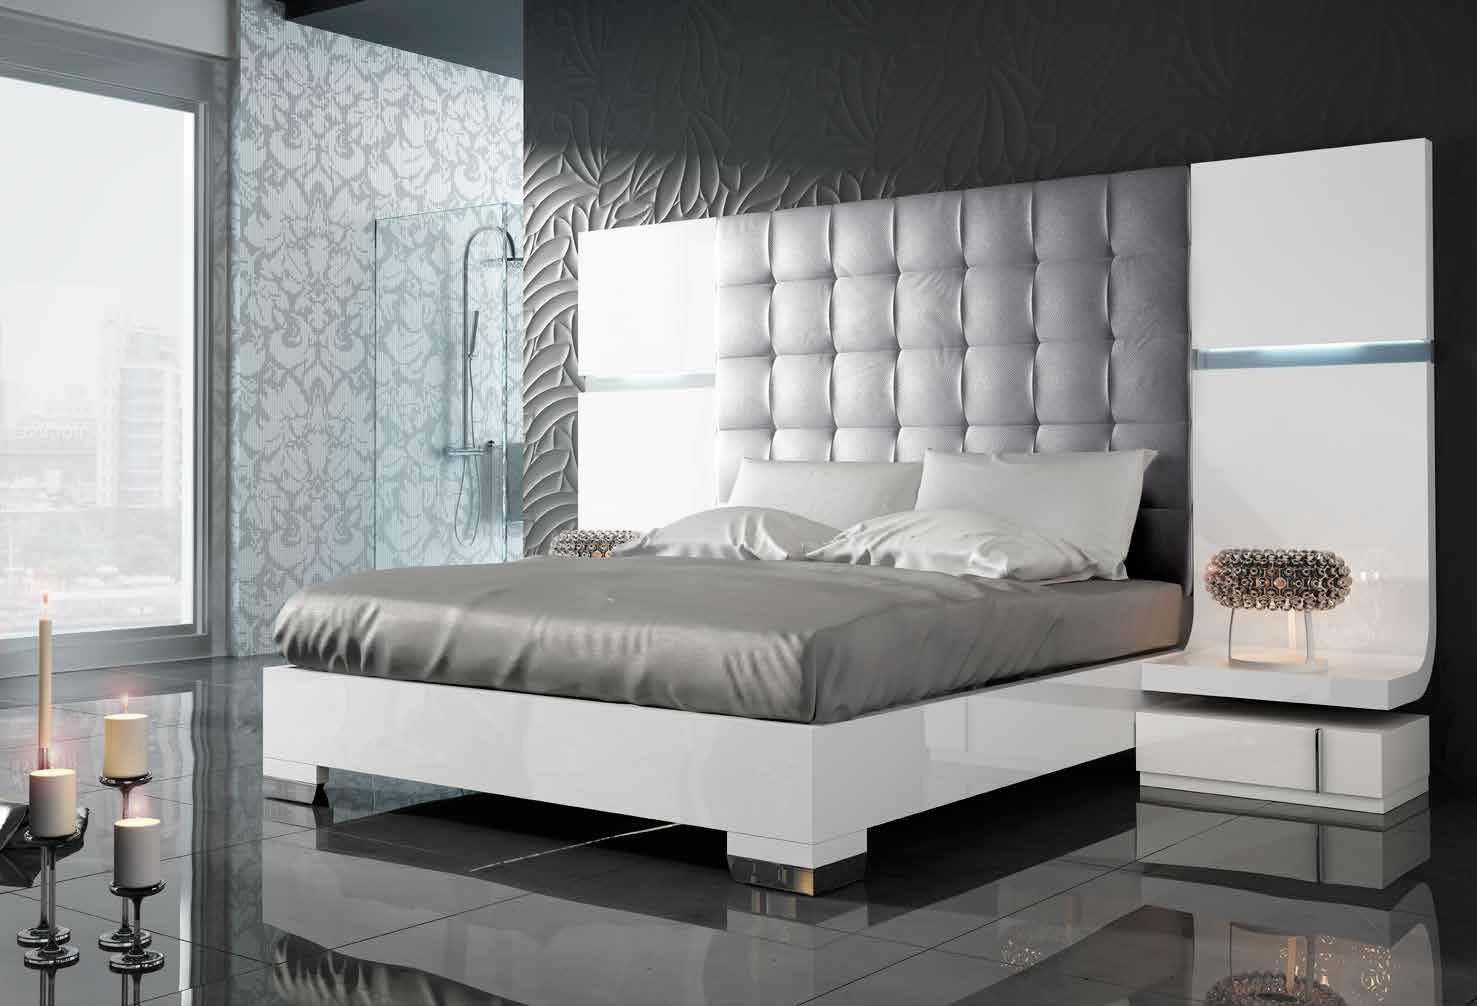 dormitorios-modernos-Vanessa-Dormitorio-muebles-paco-caballero-713-5cf10775981dd